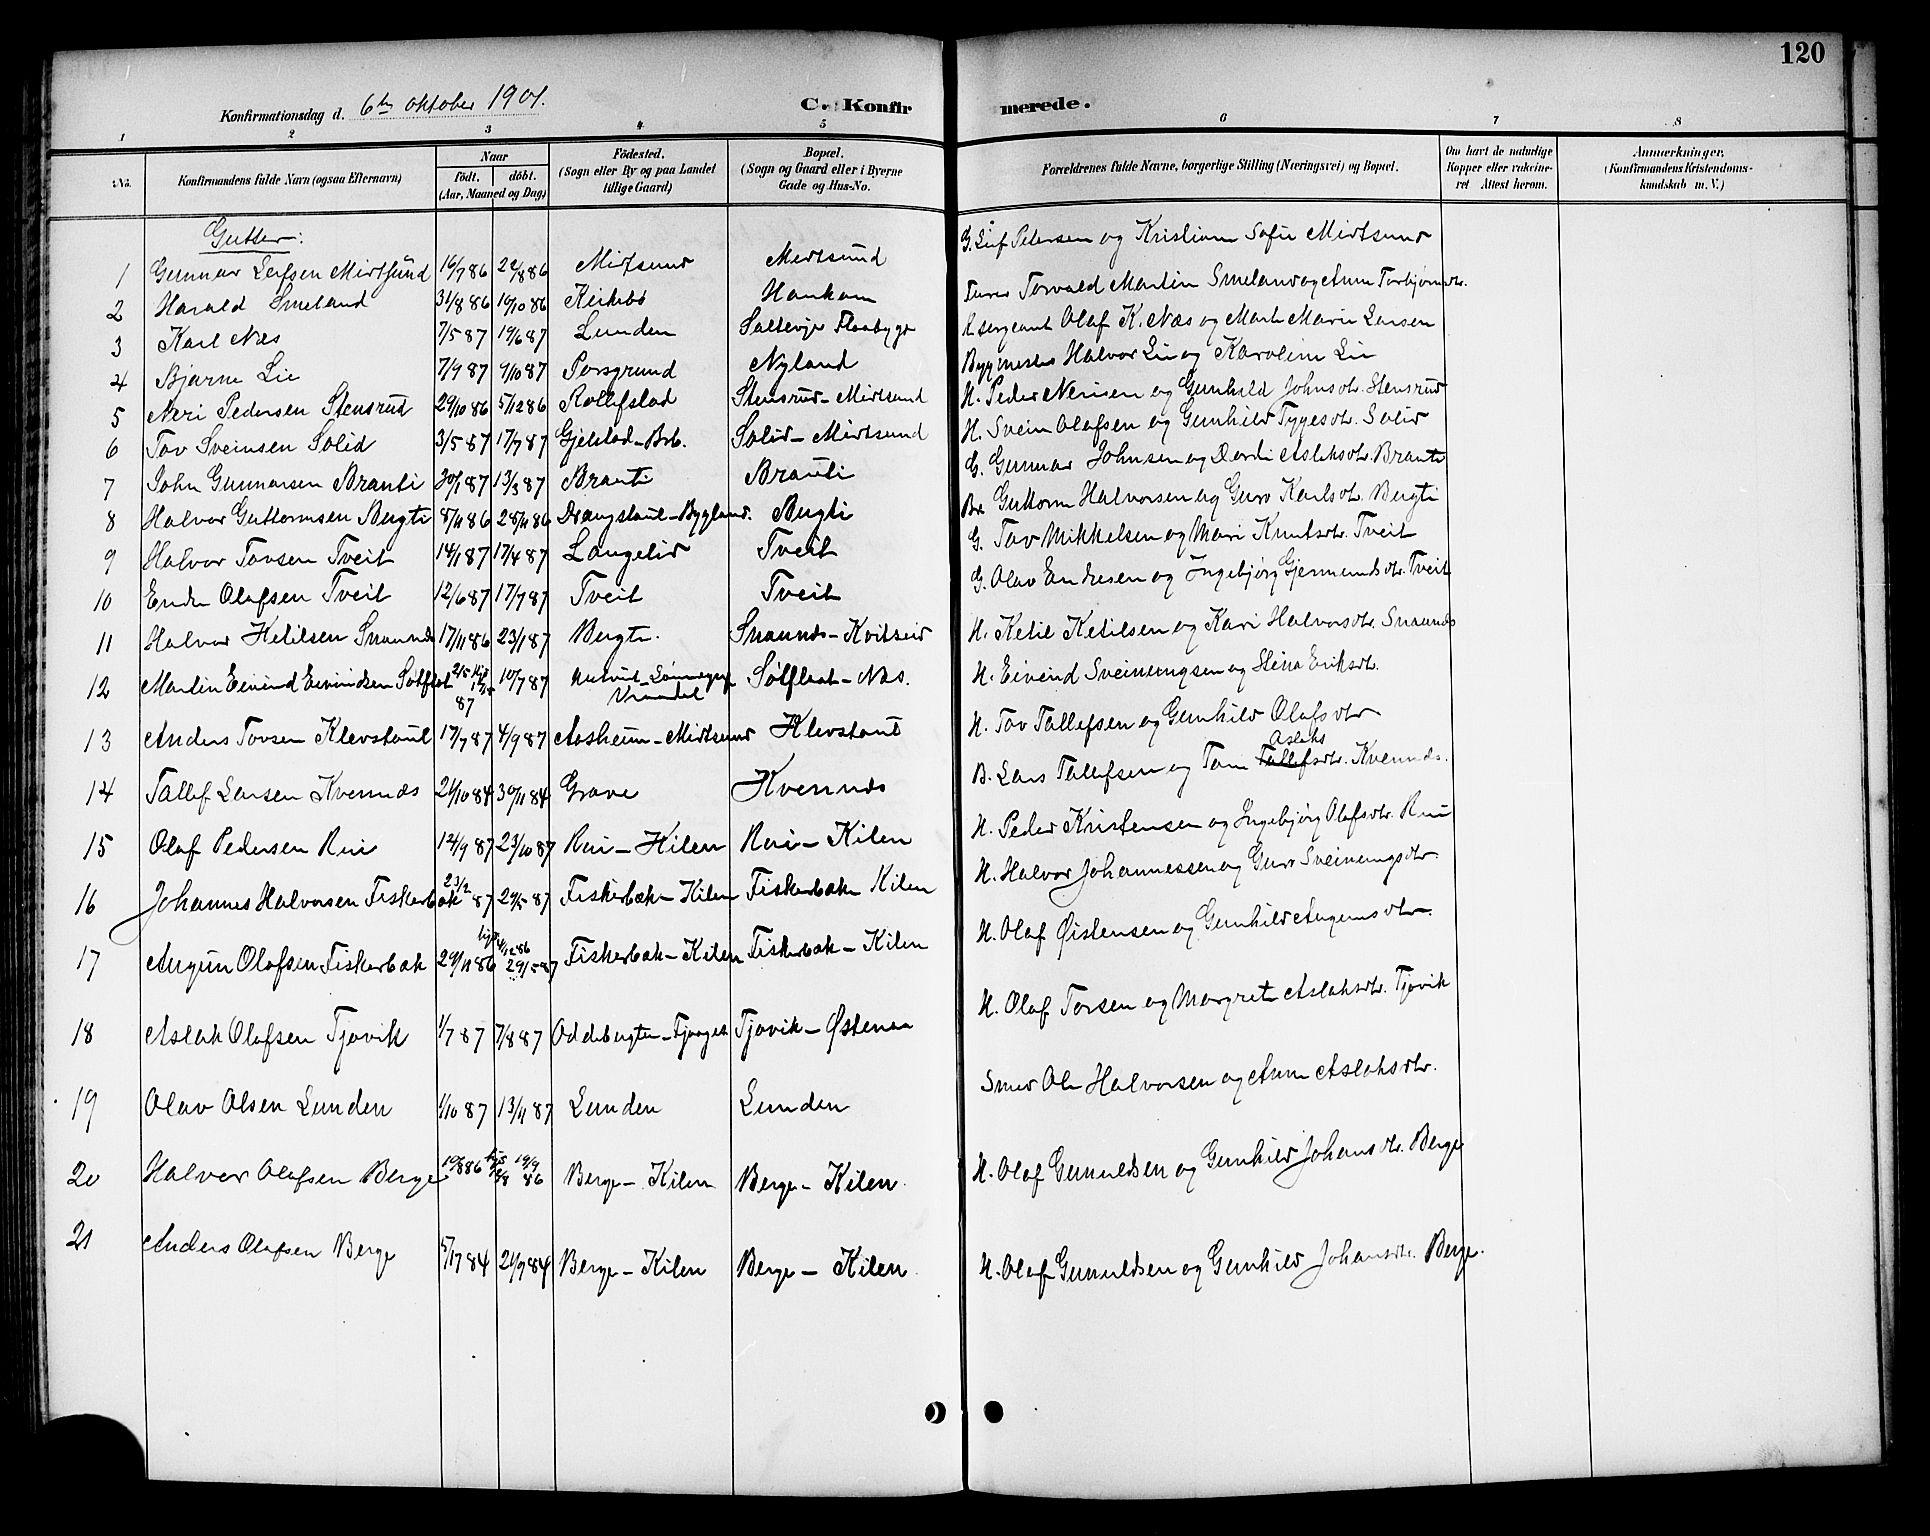 SAKO, Kviteseid kirkebøker, G/Ga/L0002: Klokkerbok nr. I 2, 1893-1918, s. 120